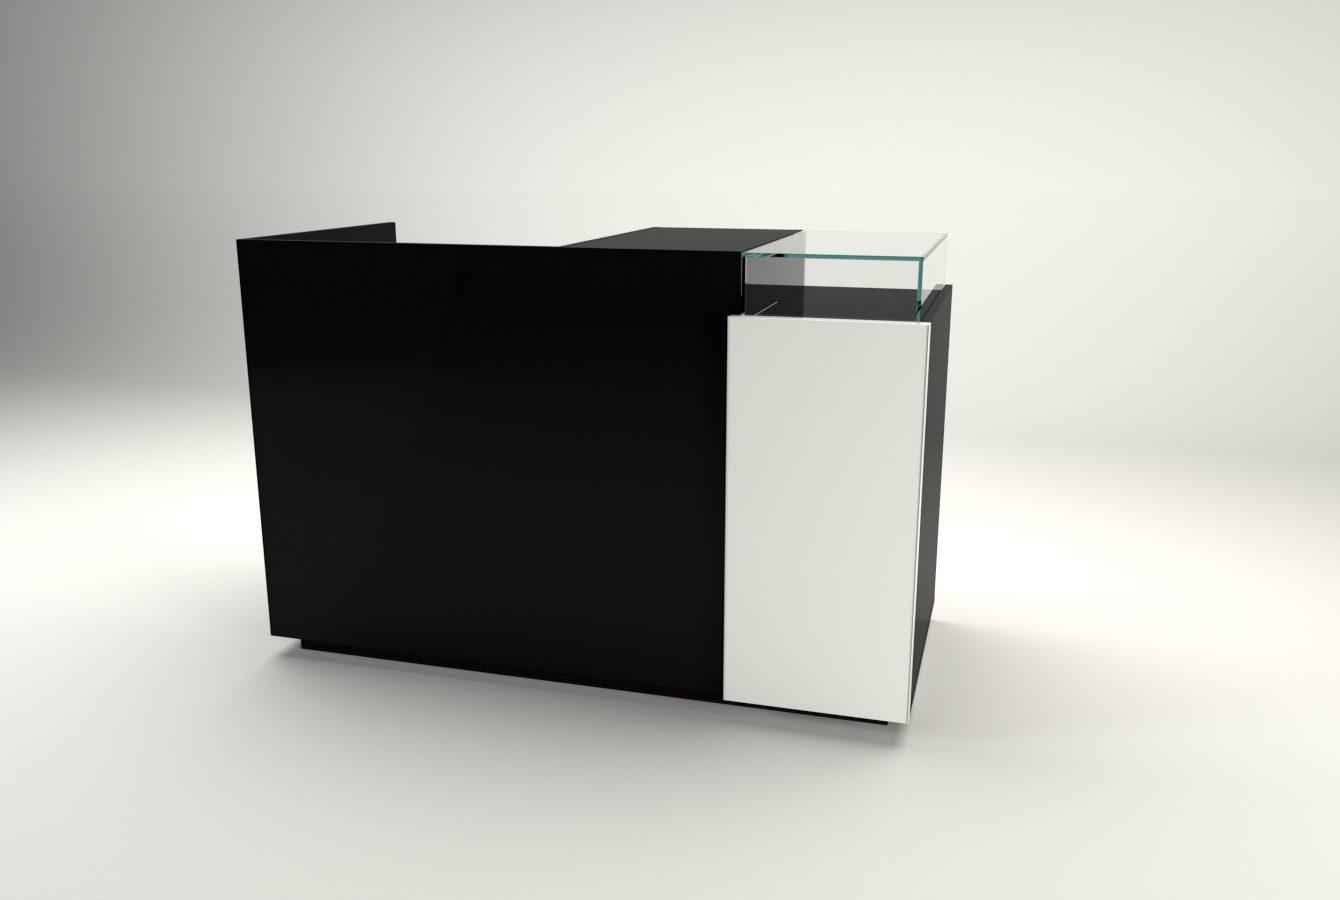 banco cassa linea zero nero lucido